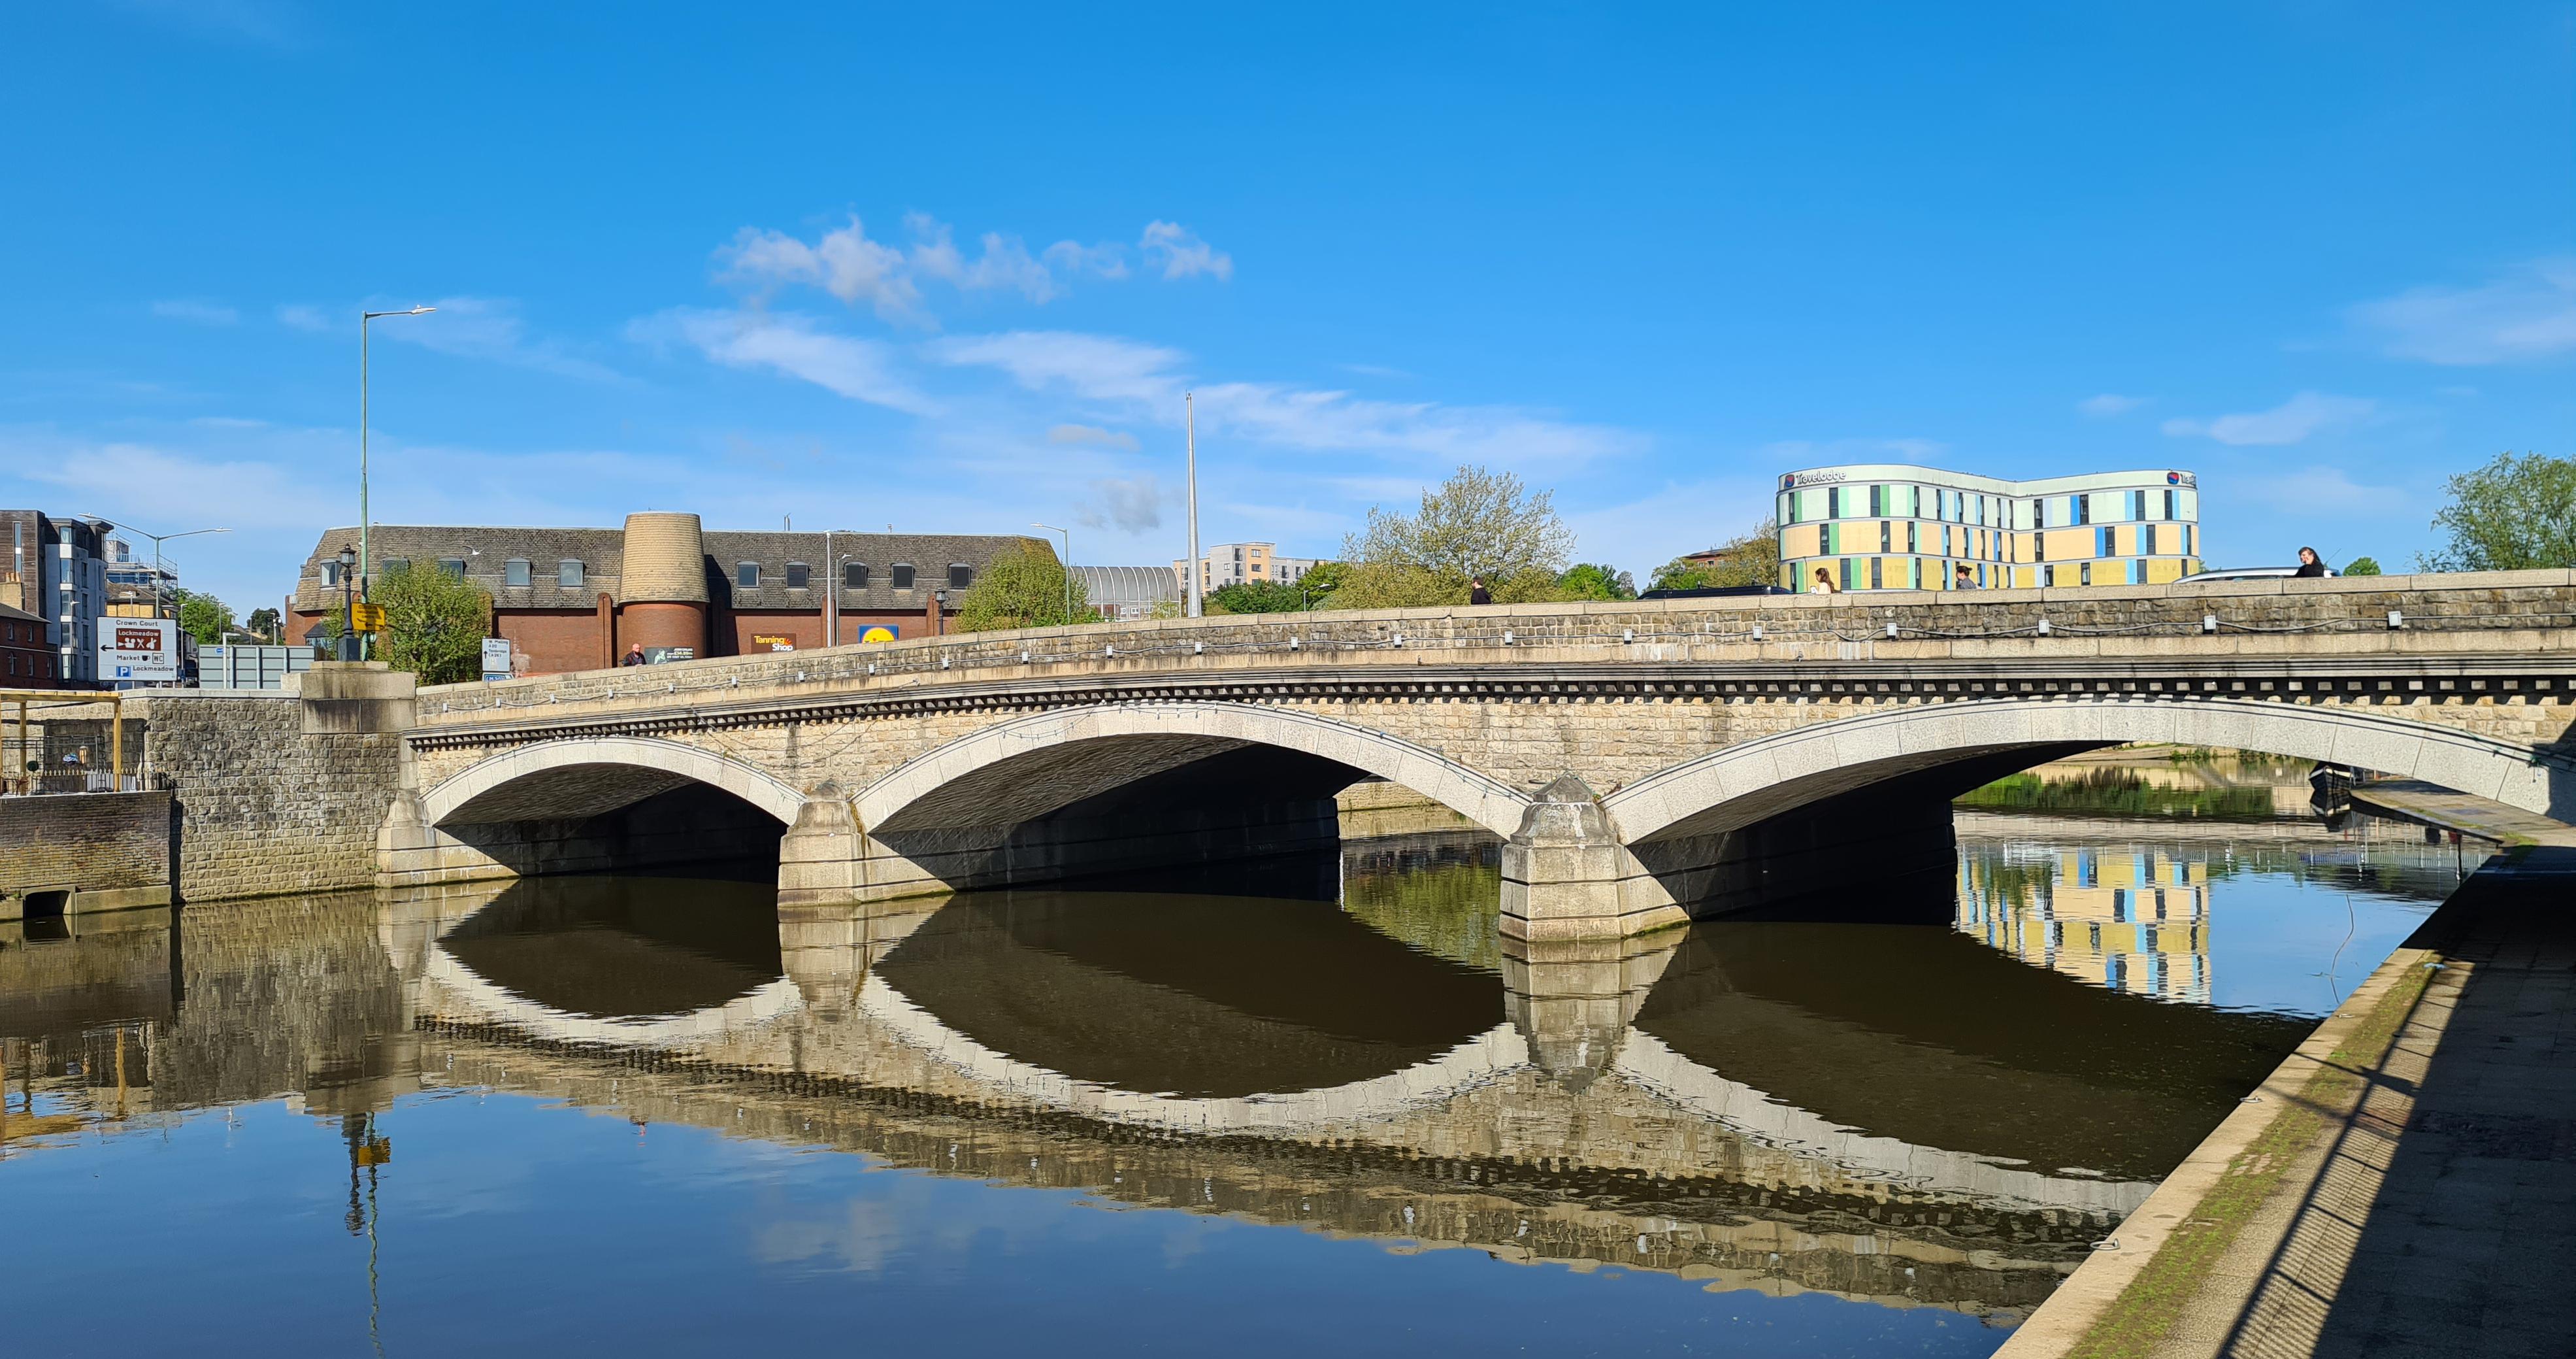 The major bridge in Maidstone